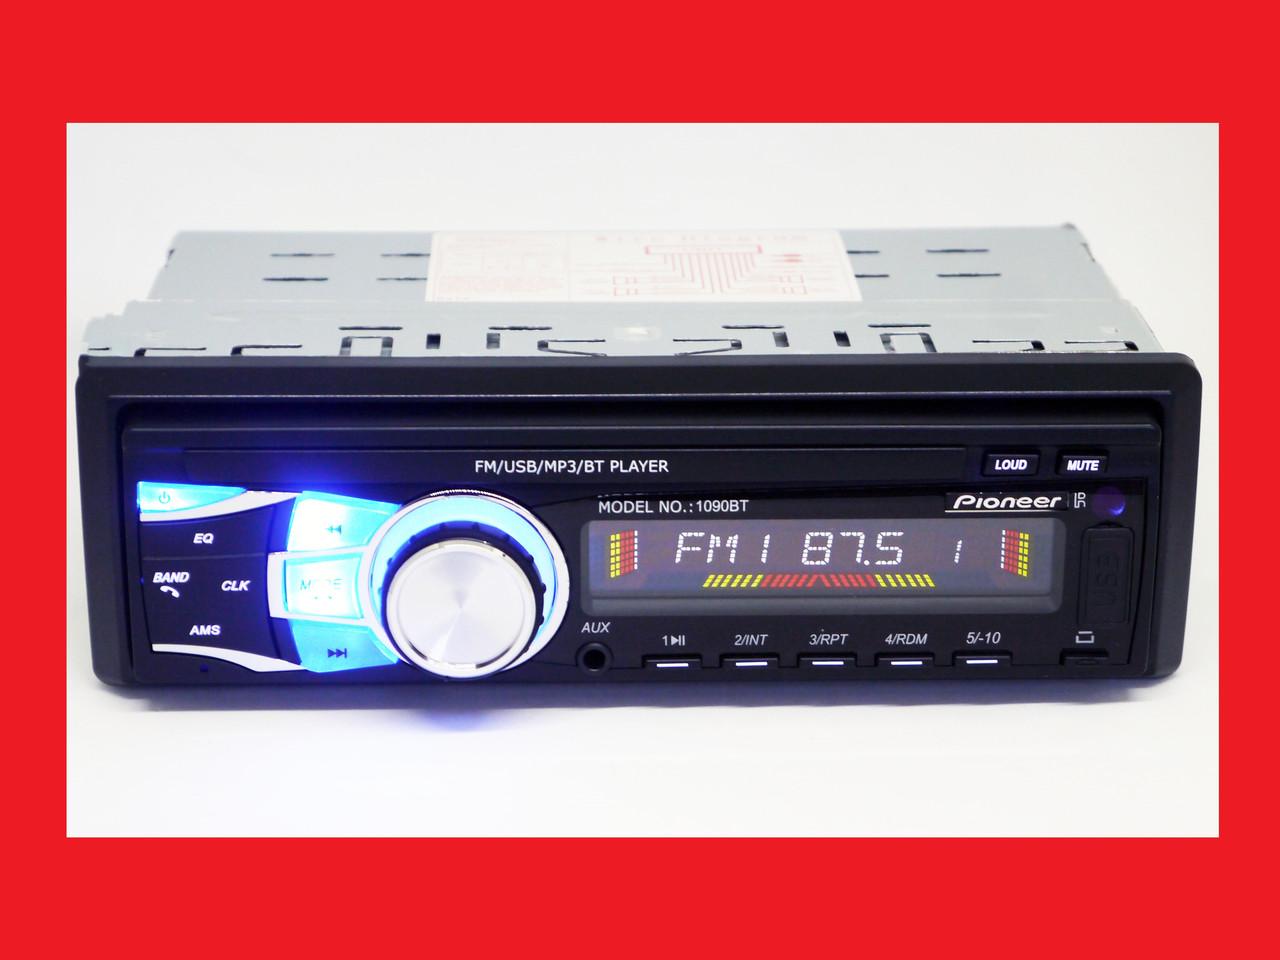 Автомагнитола Pioneer 1090BT - Bluetooth MP3 Player, FM, USB, microSD, AUX - СЪЕМНАЯ панель